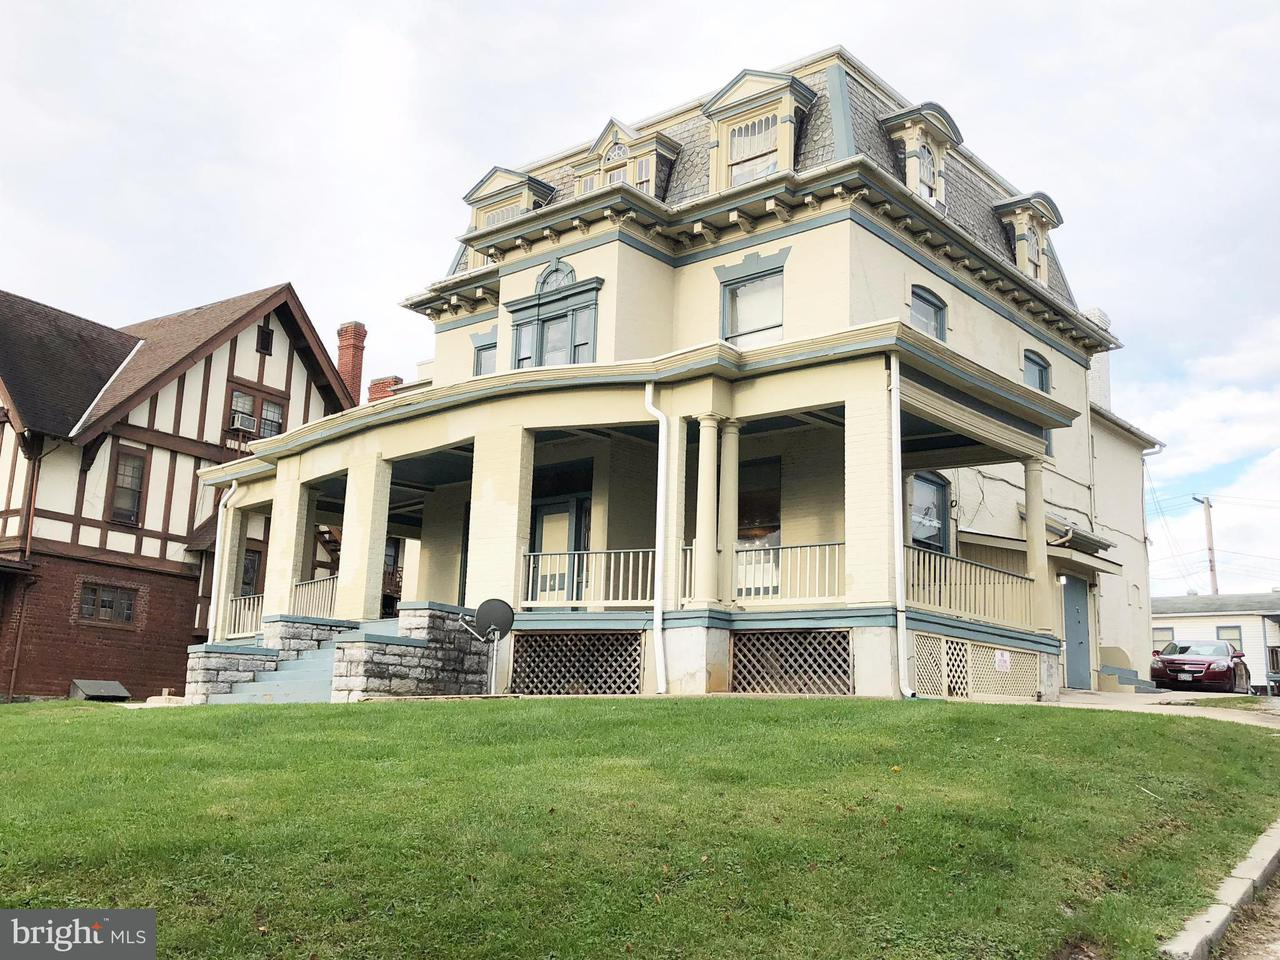 Casa Multifamiliar por un Venta en 645 OAK HILL Avenue 645 OAK HILL Avenue Hagerstown, Maryland 21740 Estados Unidos